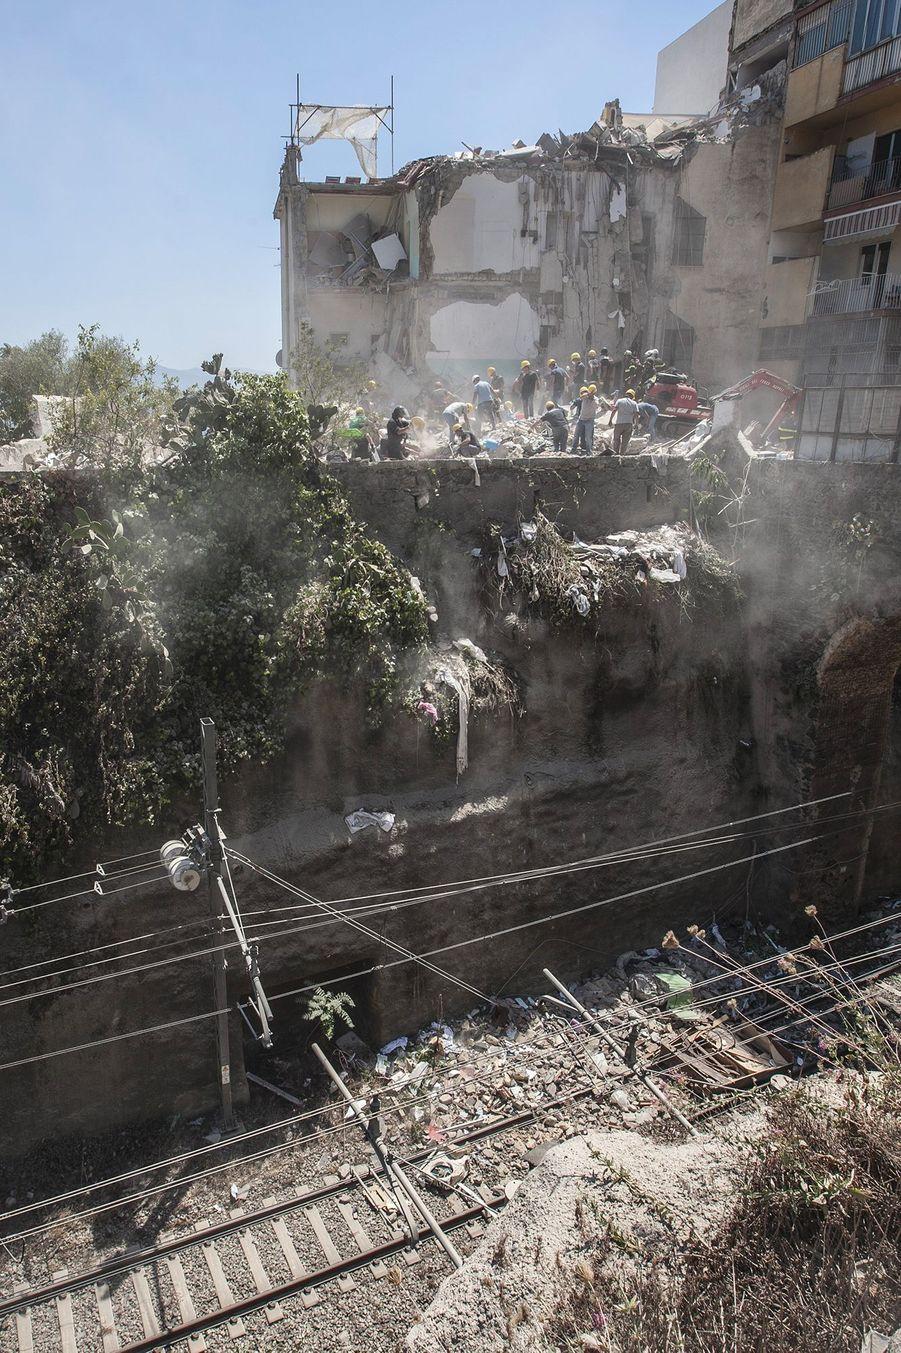 Huit personnes sont mortes dans l'effondrement.